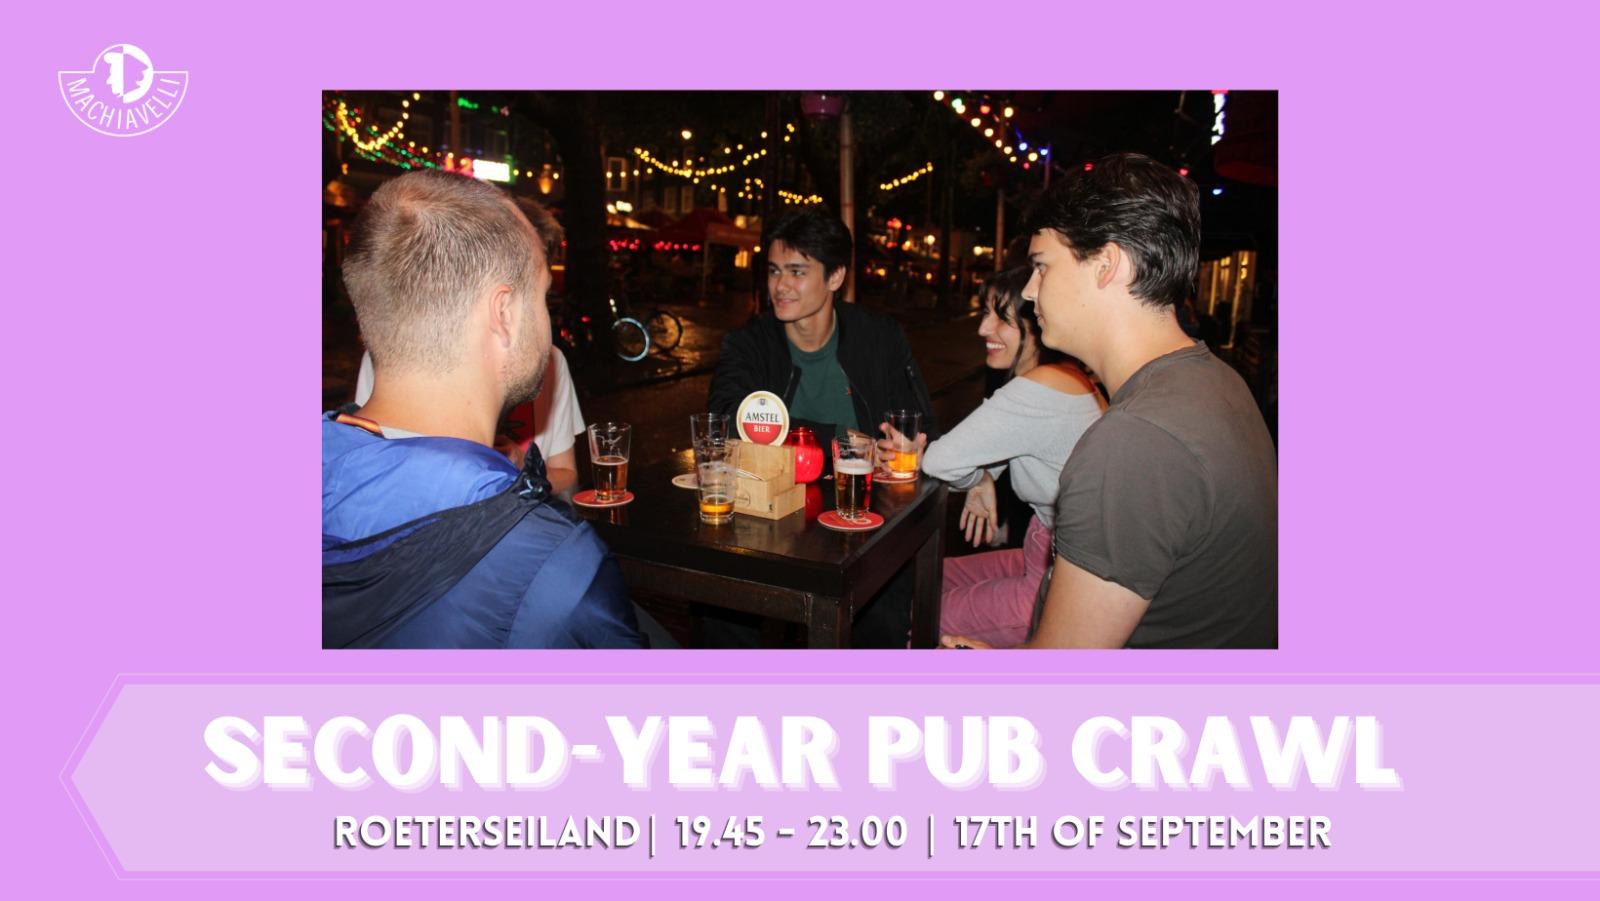 Second-year Pub Crawl